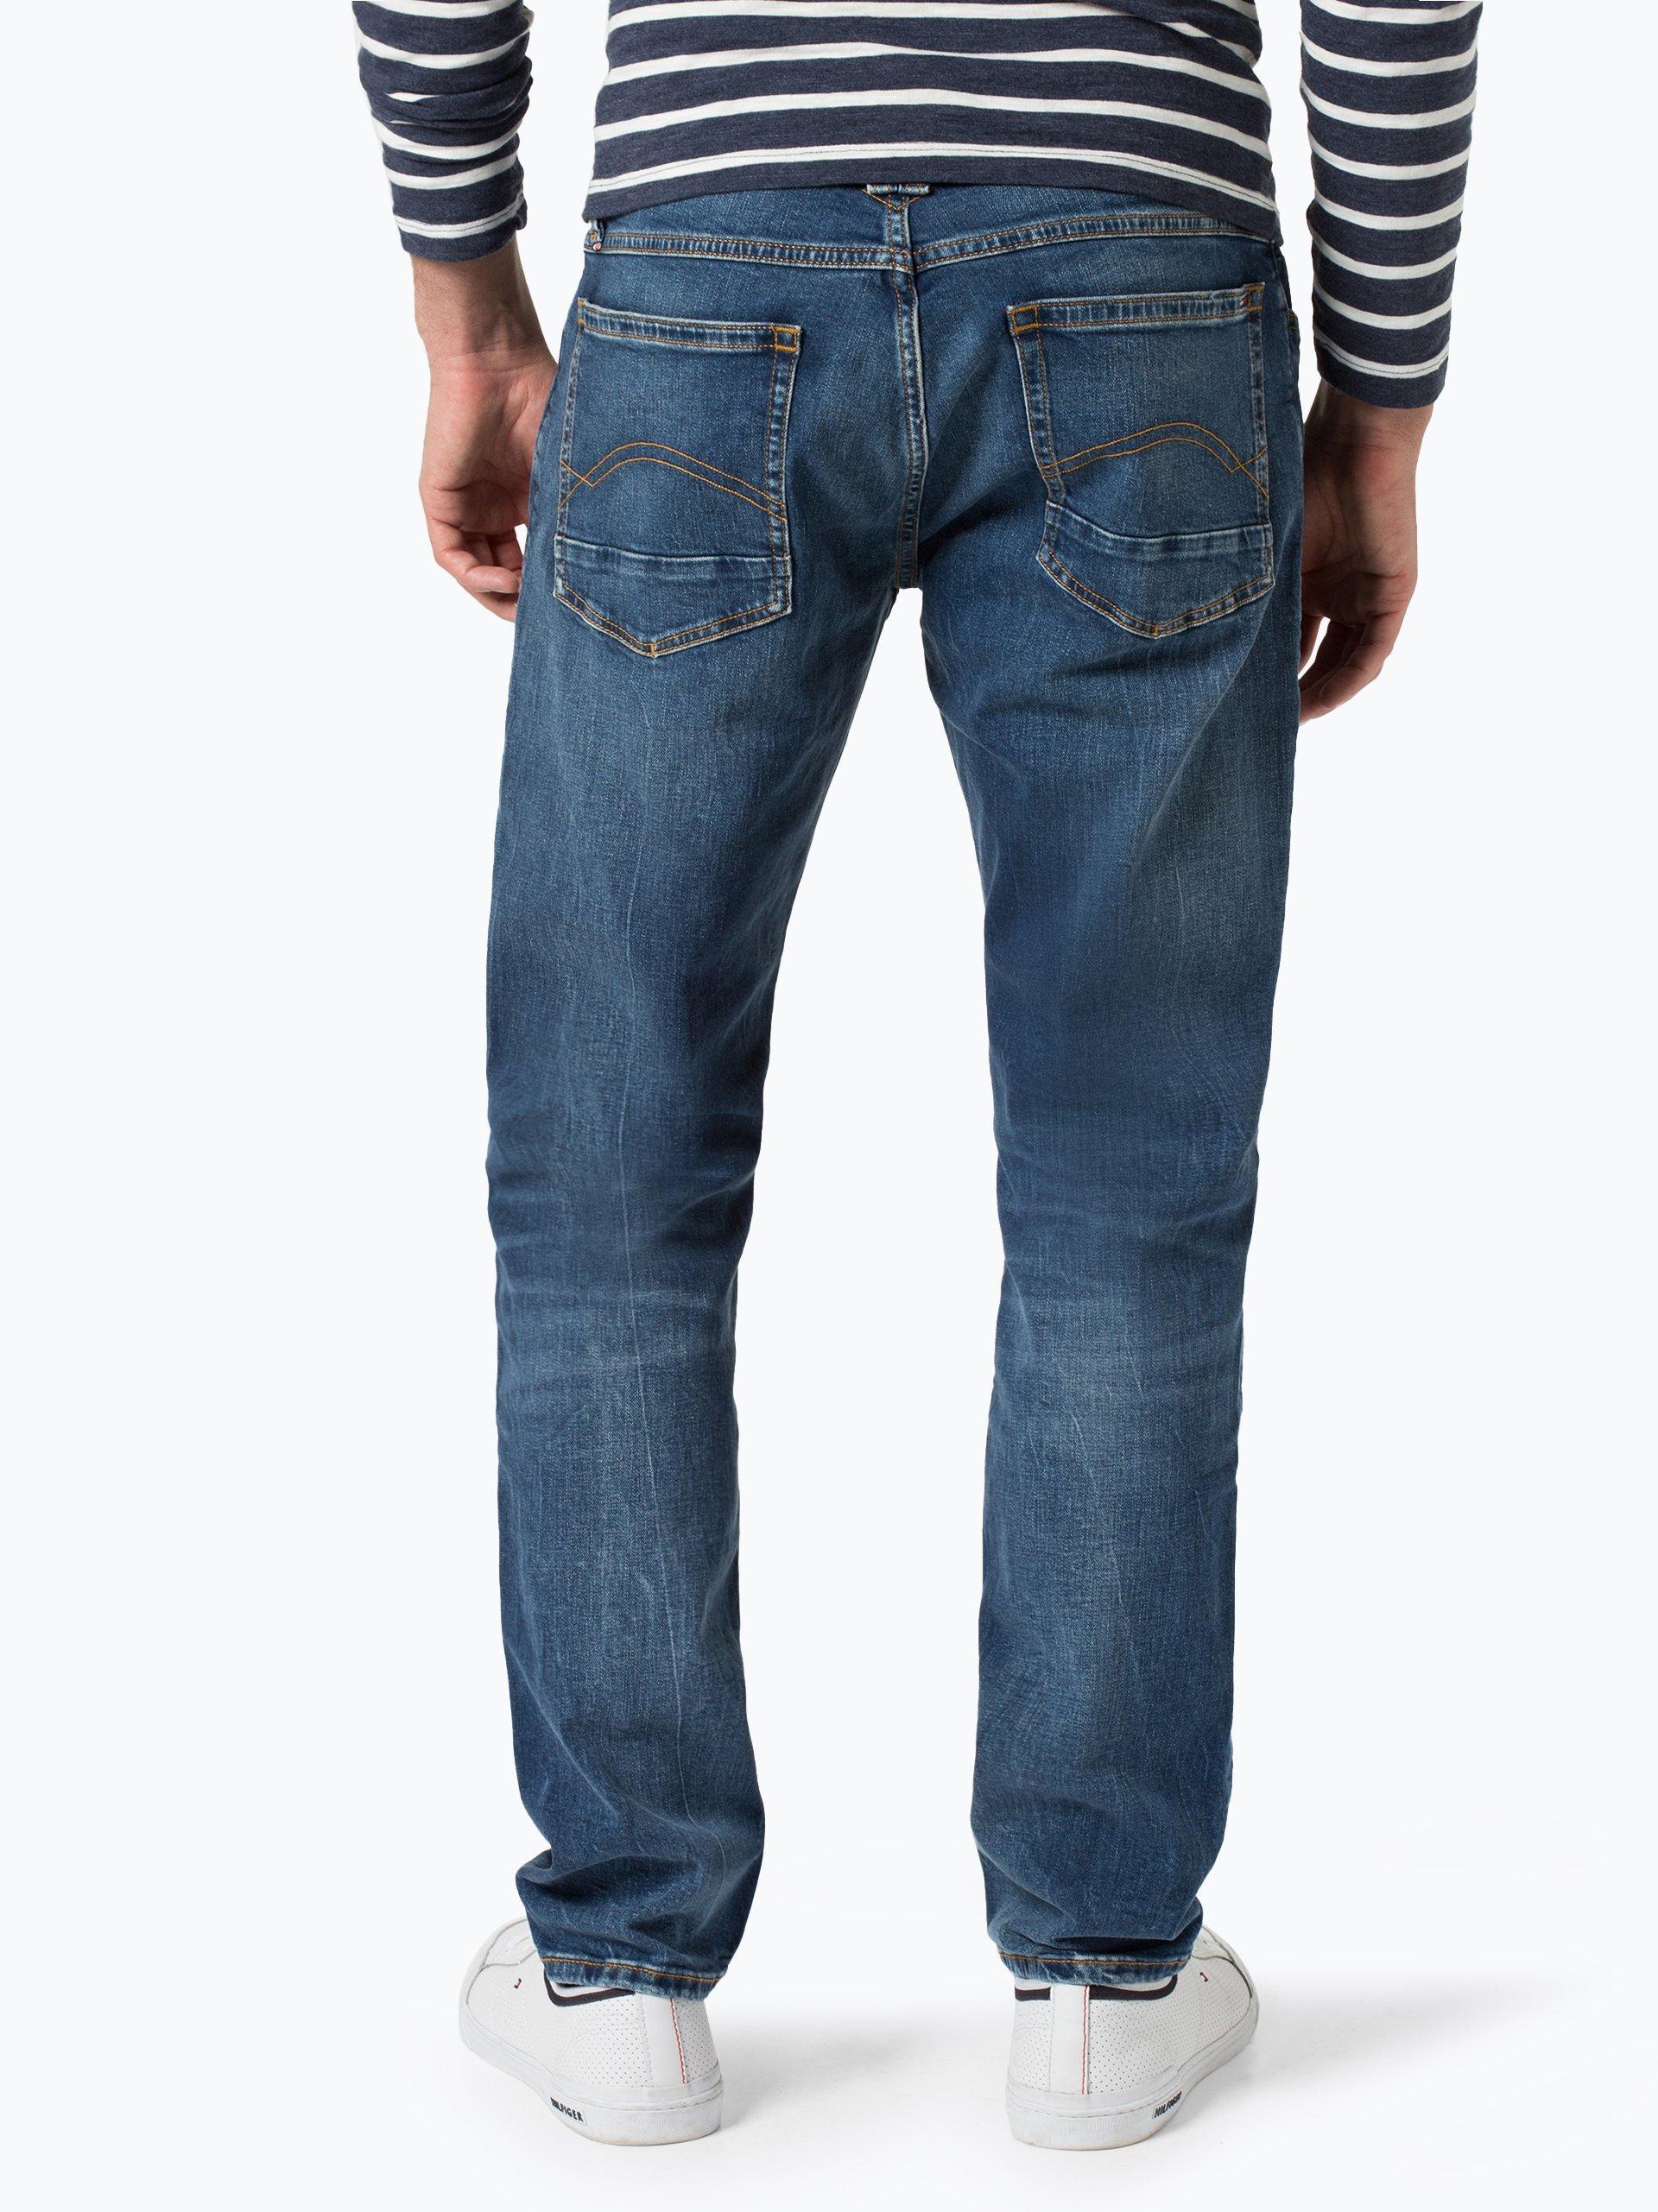 tommy jeans herren jeans ronnie denim uni online kaufen peek und cloppenburg de. Black Bedroom Furniture Sets. Home Design Ideas